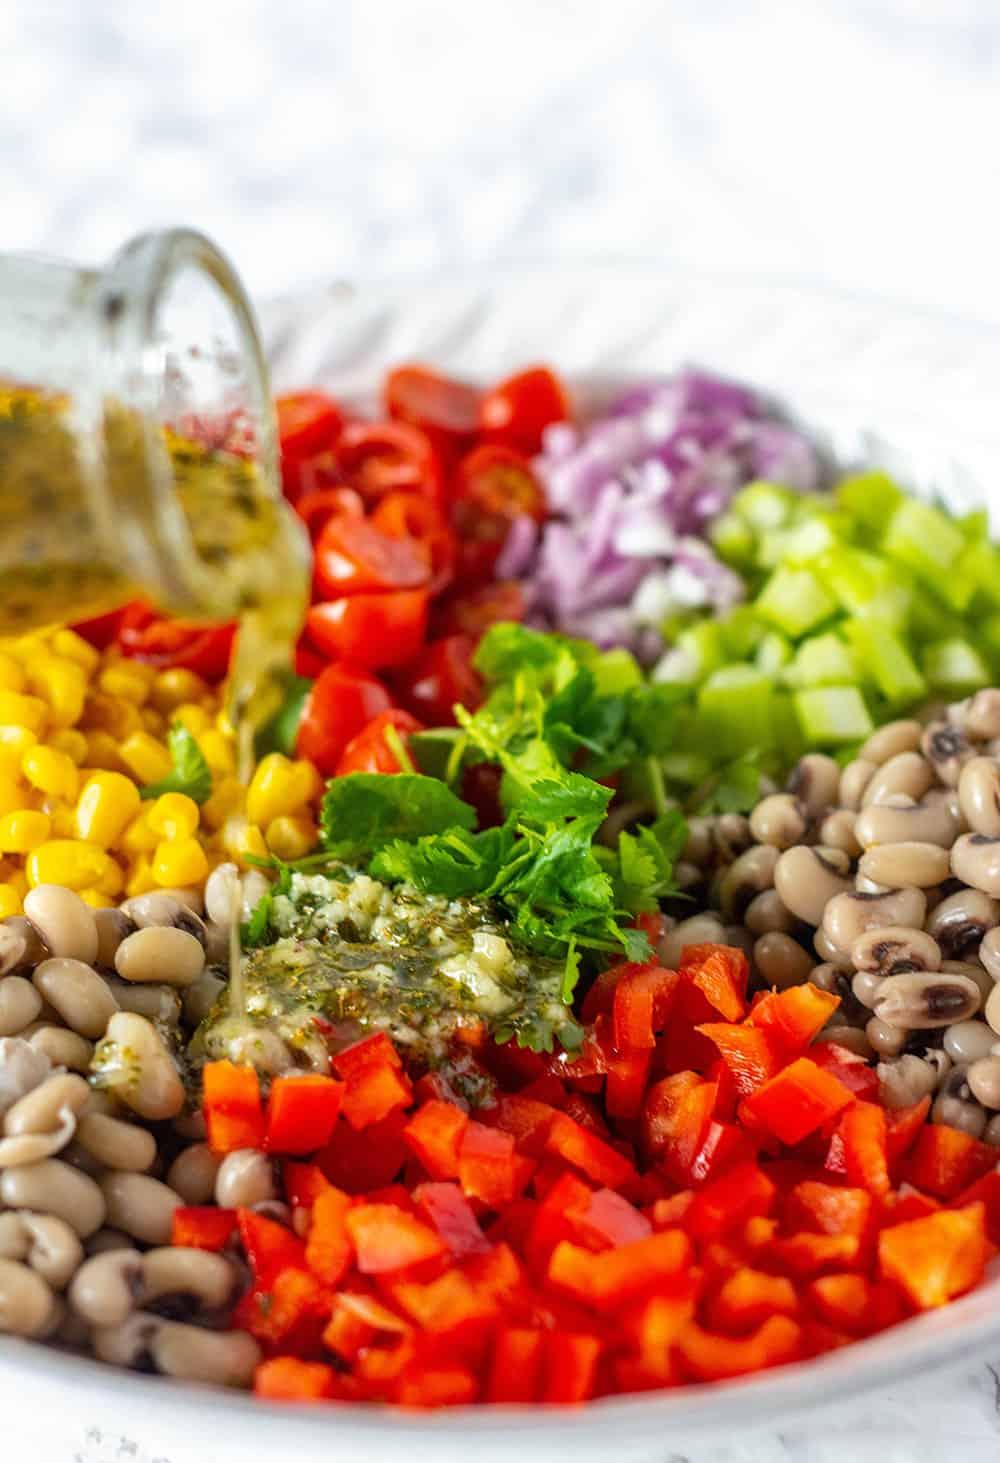 Black-Eyed Peas Salad Recipe Ingredients